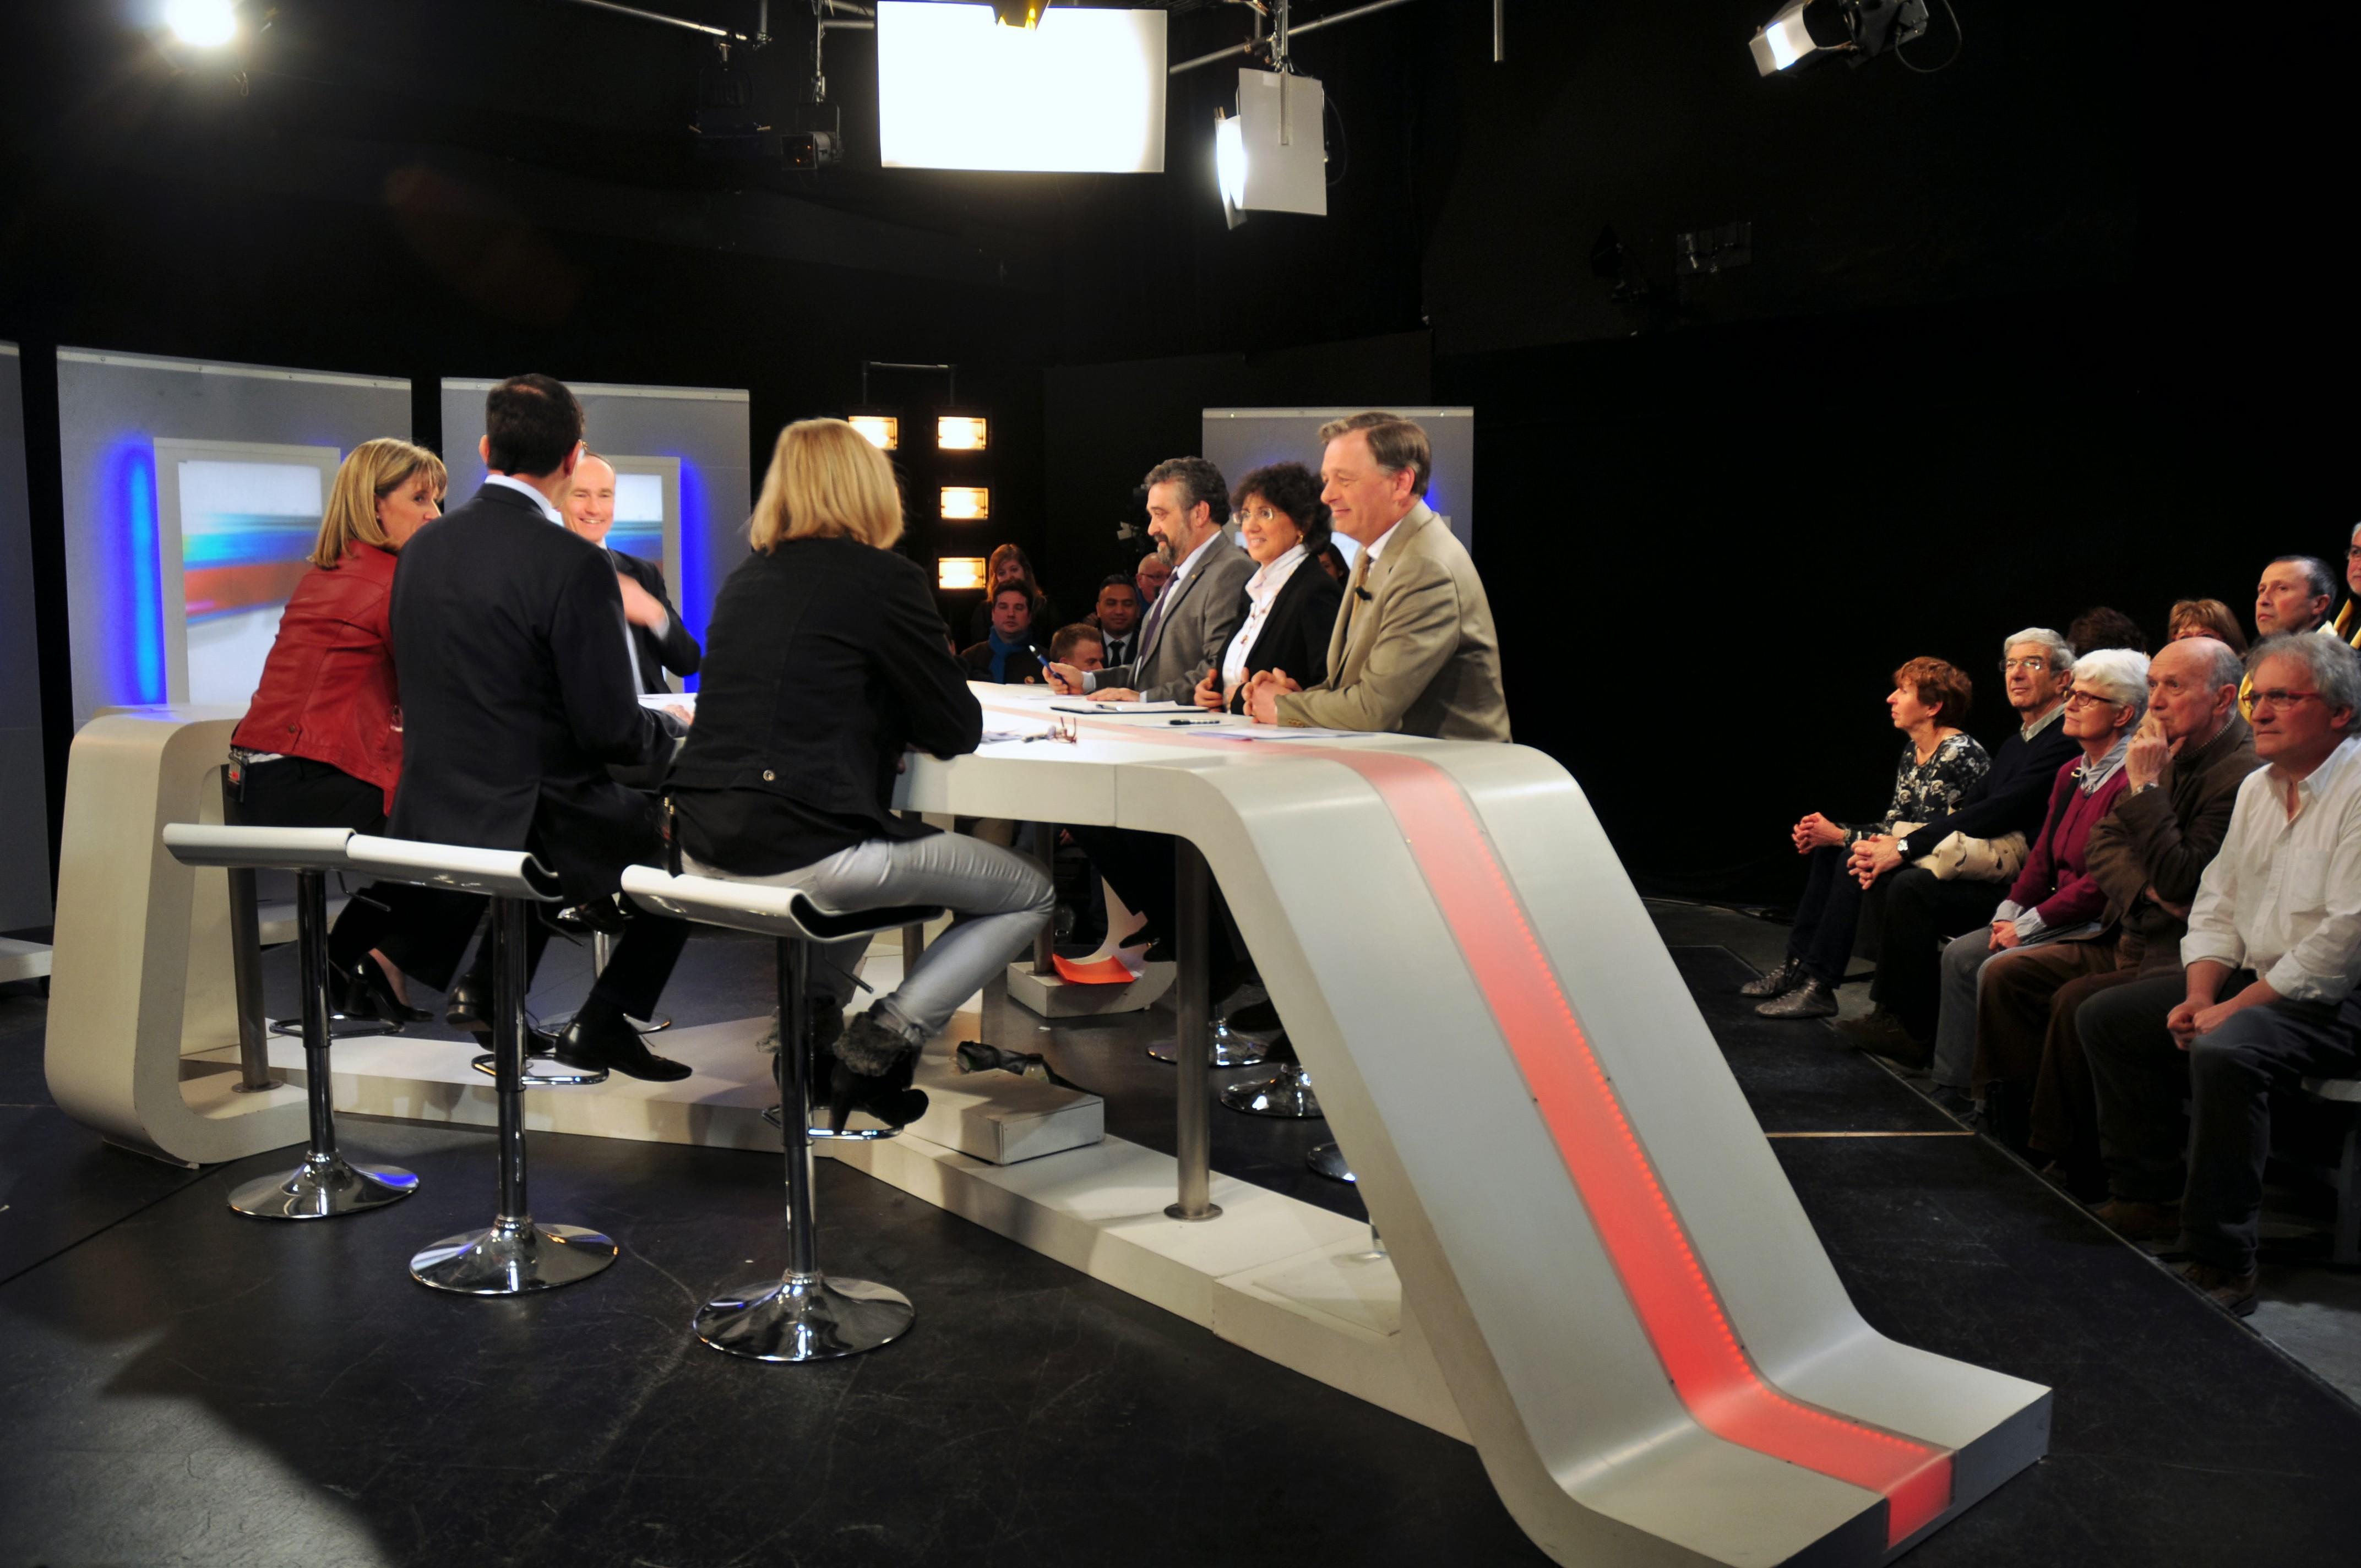 Quelques secondes avant la prise d'antenne pour le débat